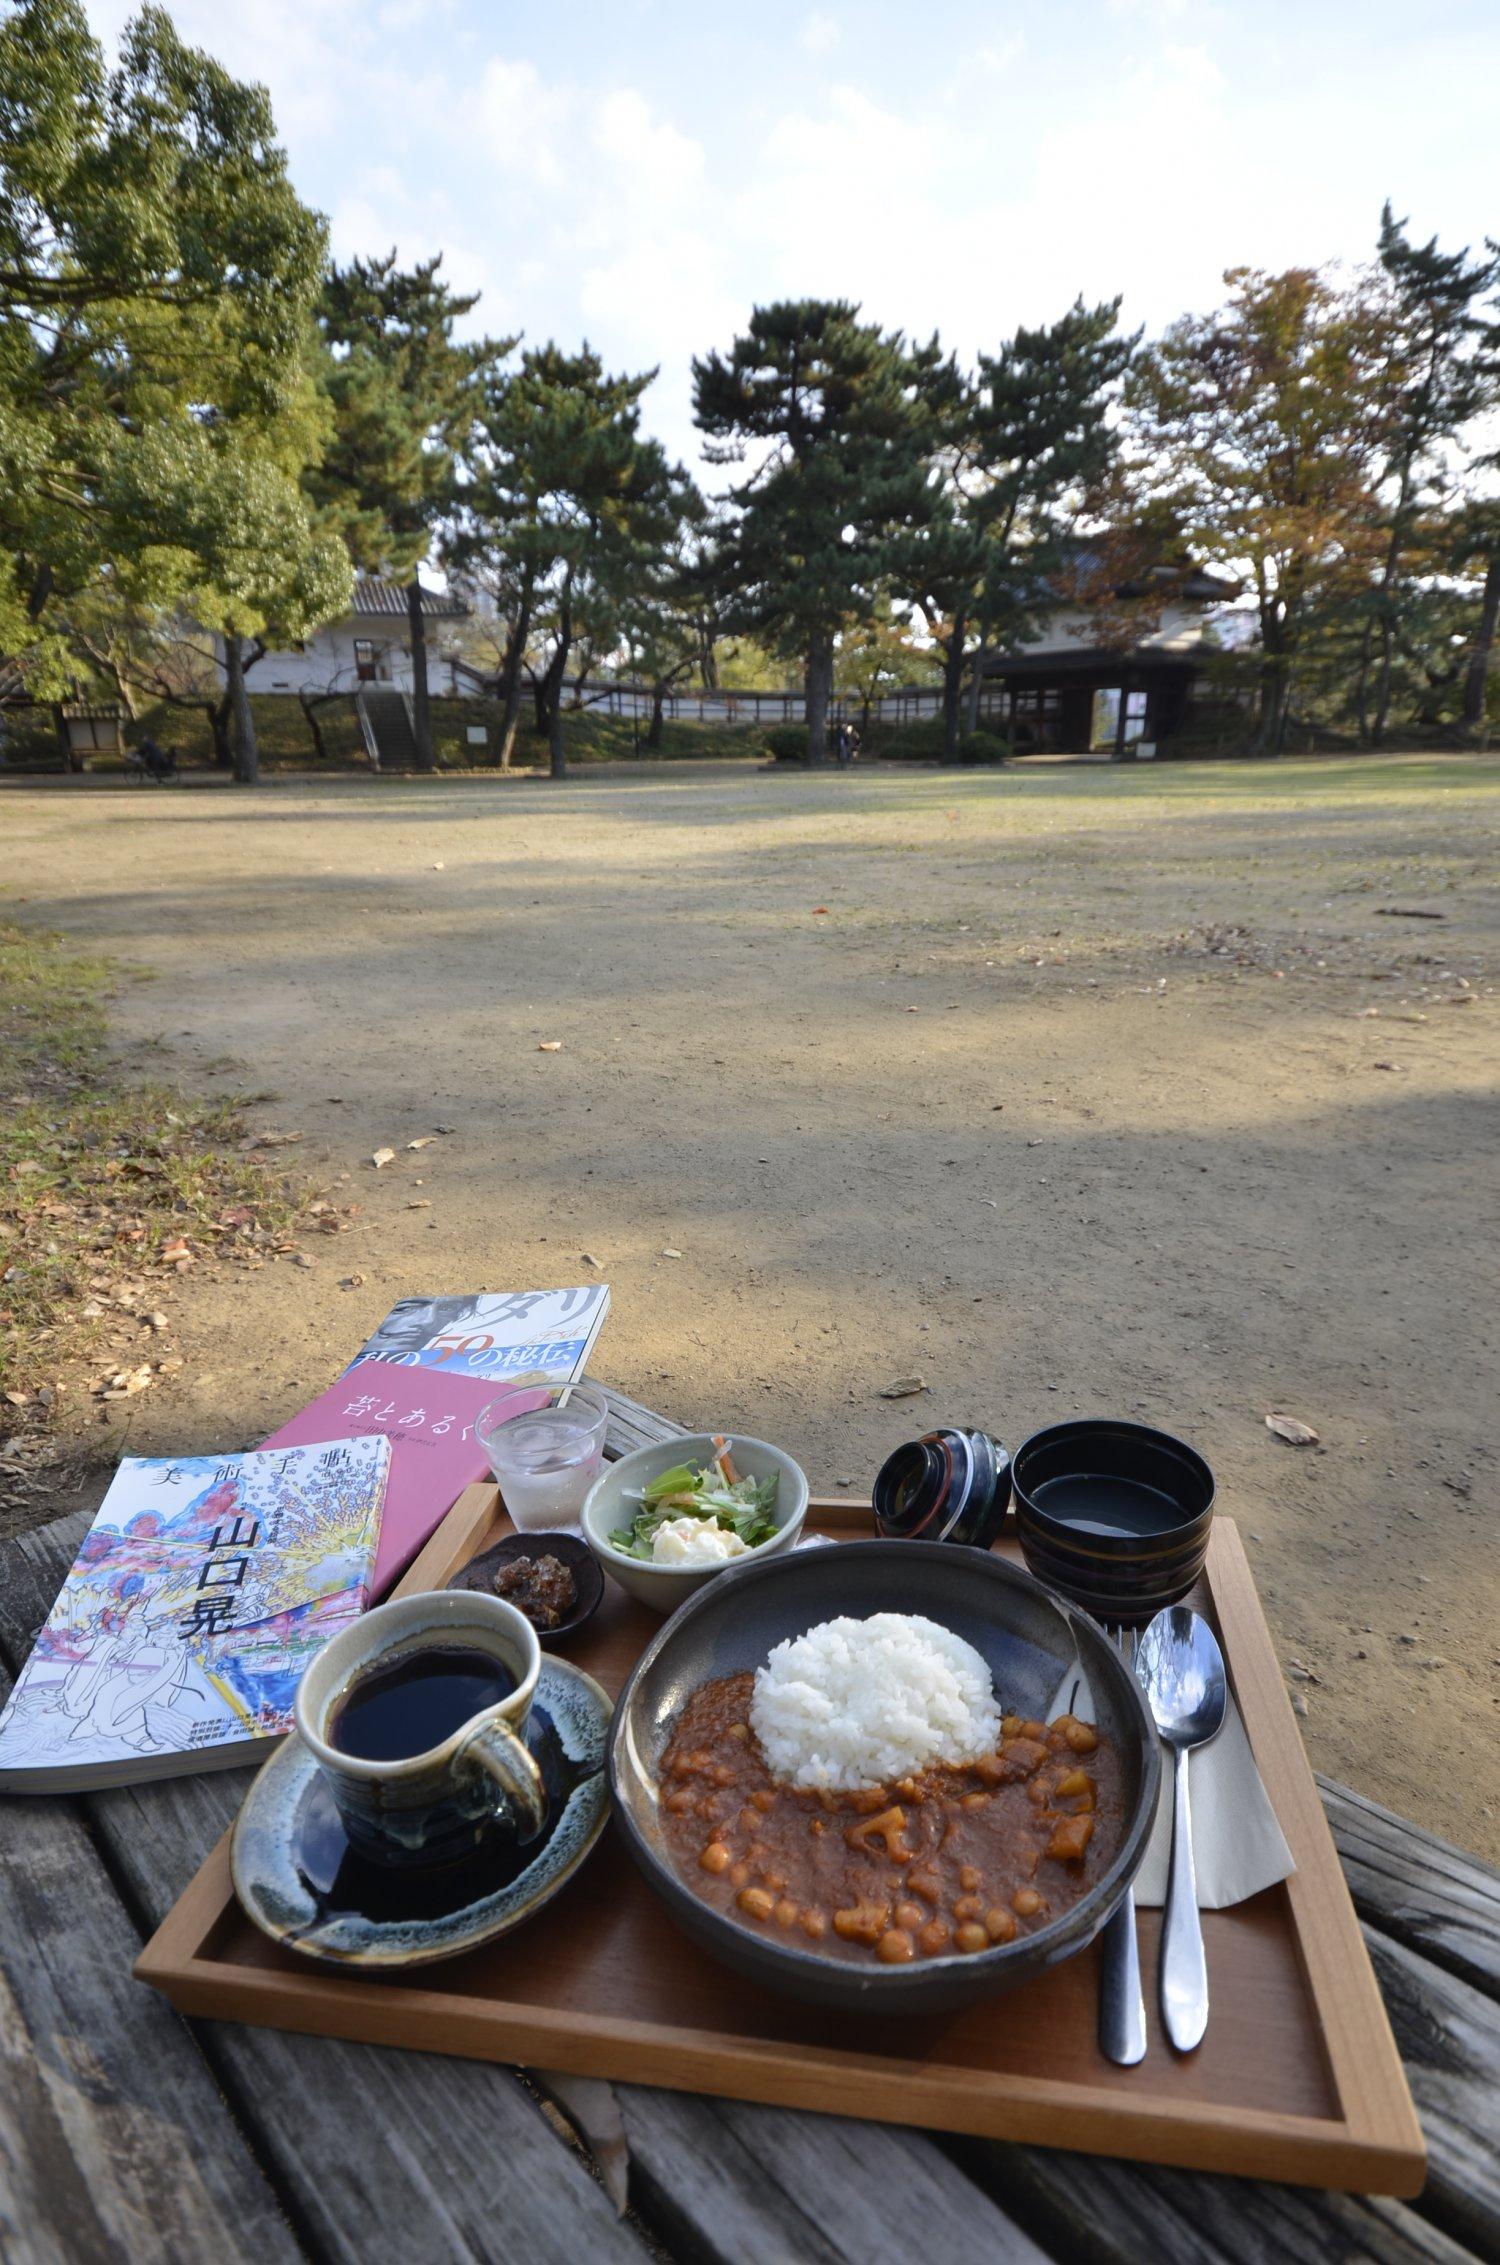 櫓(やぐら)門と櫓2棟に囲まれた本丸広場。テイクアウト可の城藤茶店のカレー850 円やコーヒー450 円、貸本(無料)でくつろごう。